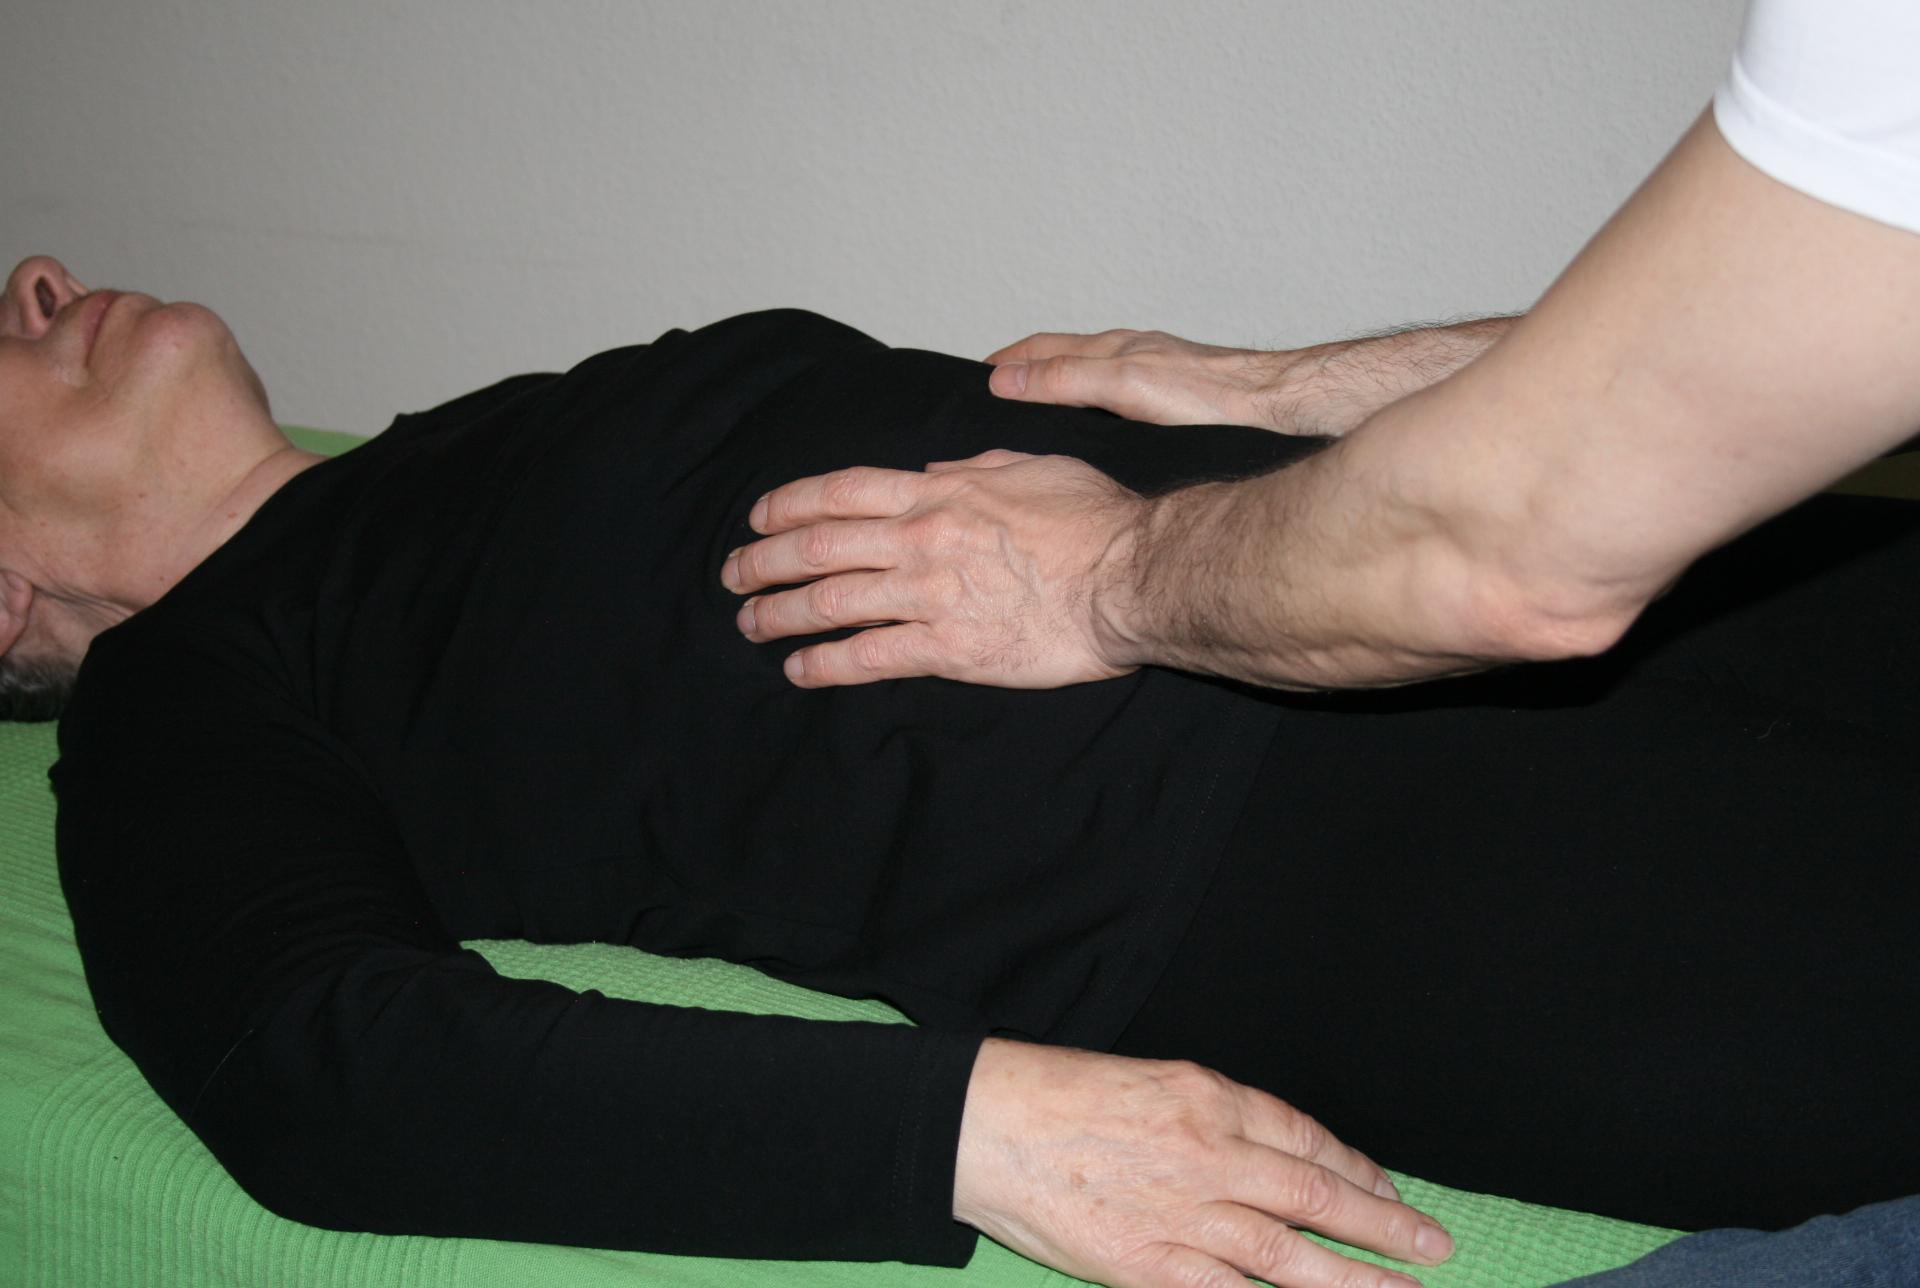 Billedet viser en en klient, der får behandling mod smerter i brystkassen.